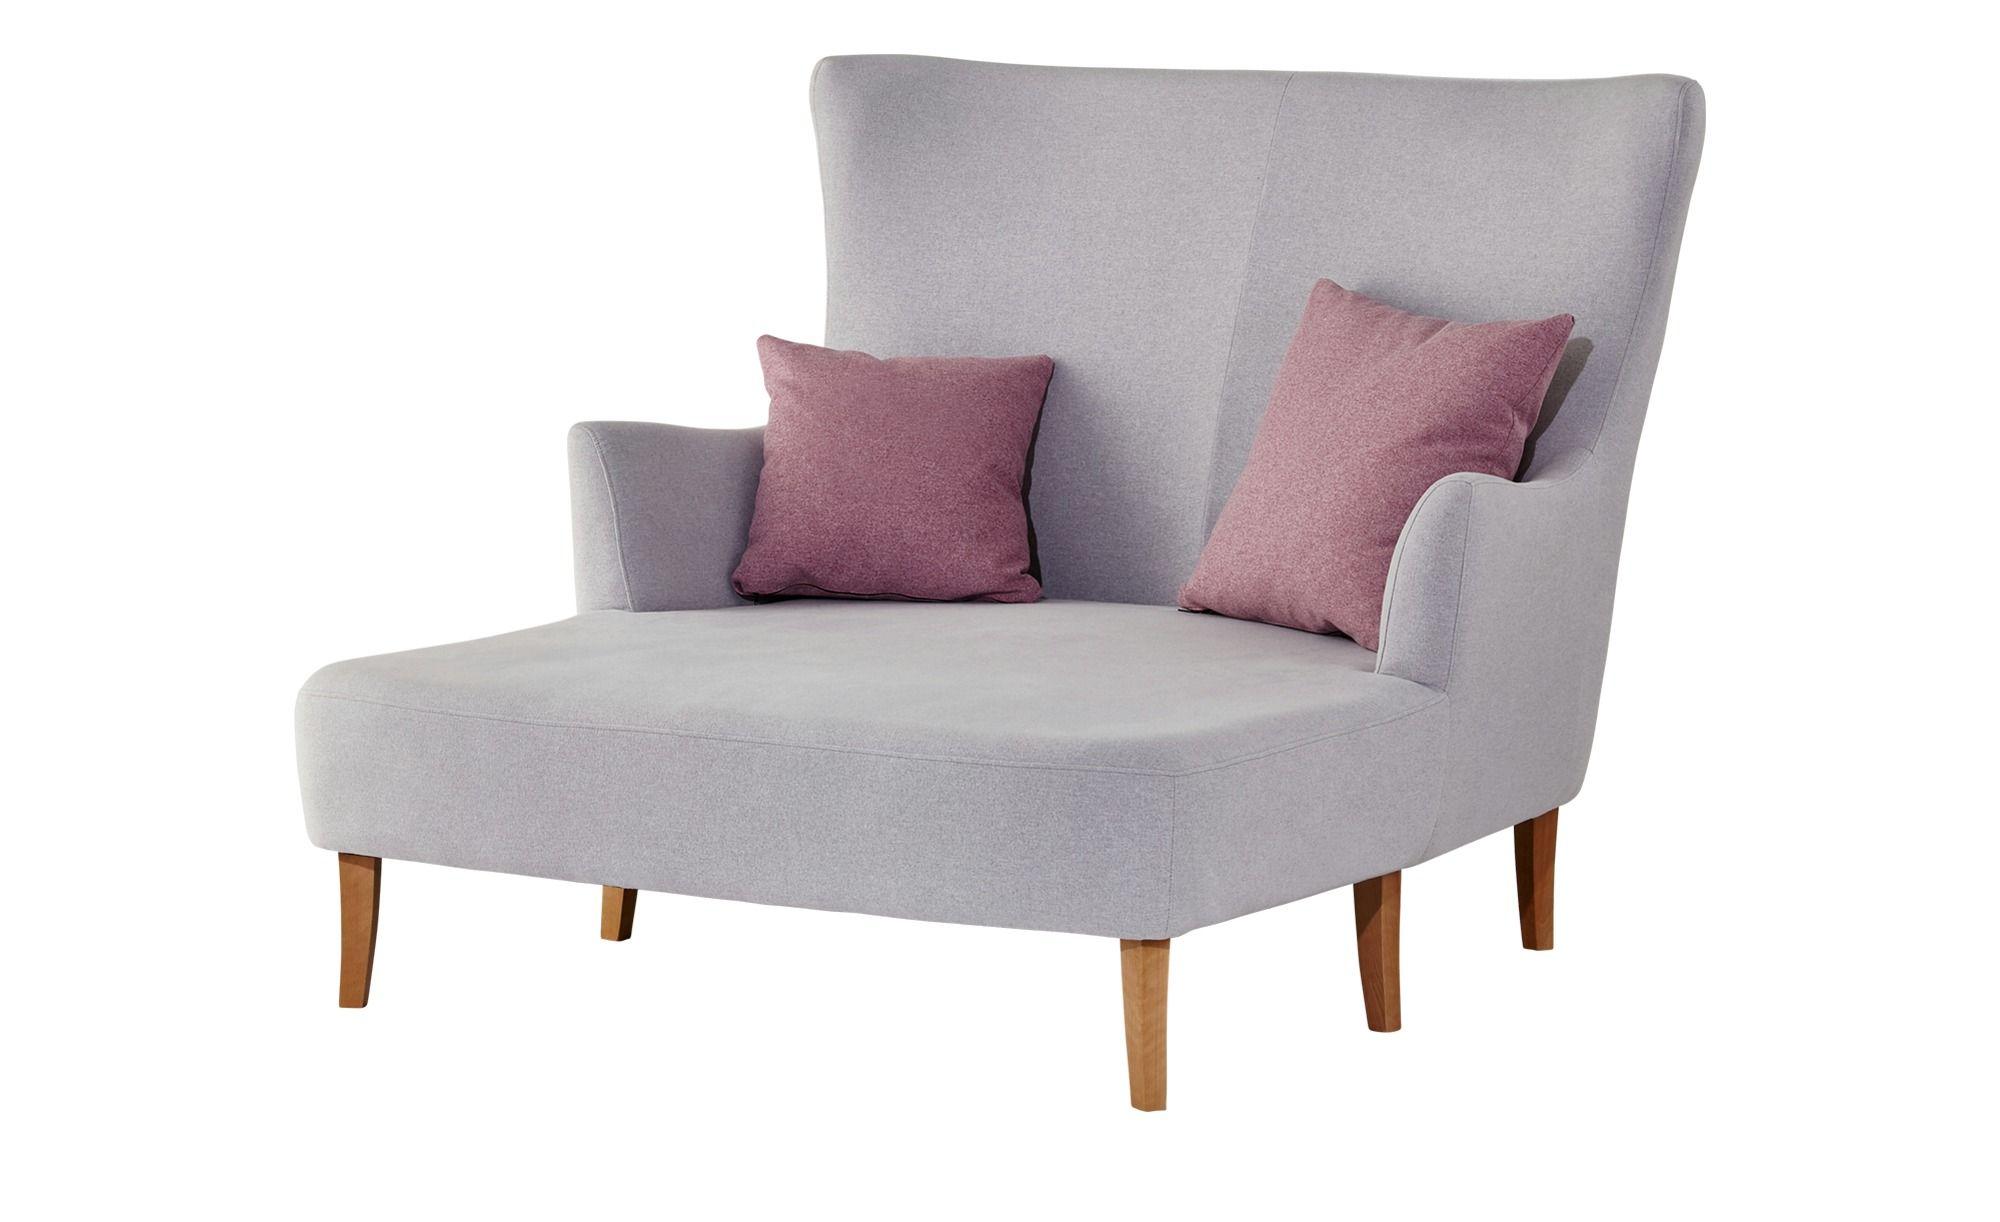 loveseat elissa hellgrau m bel h ffner home pinterest retro wohnzimmer und m bel. Black Bedroom Furniture Sets. Home Design Ideas